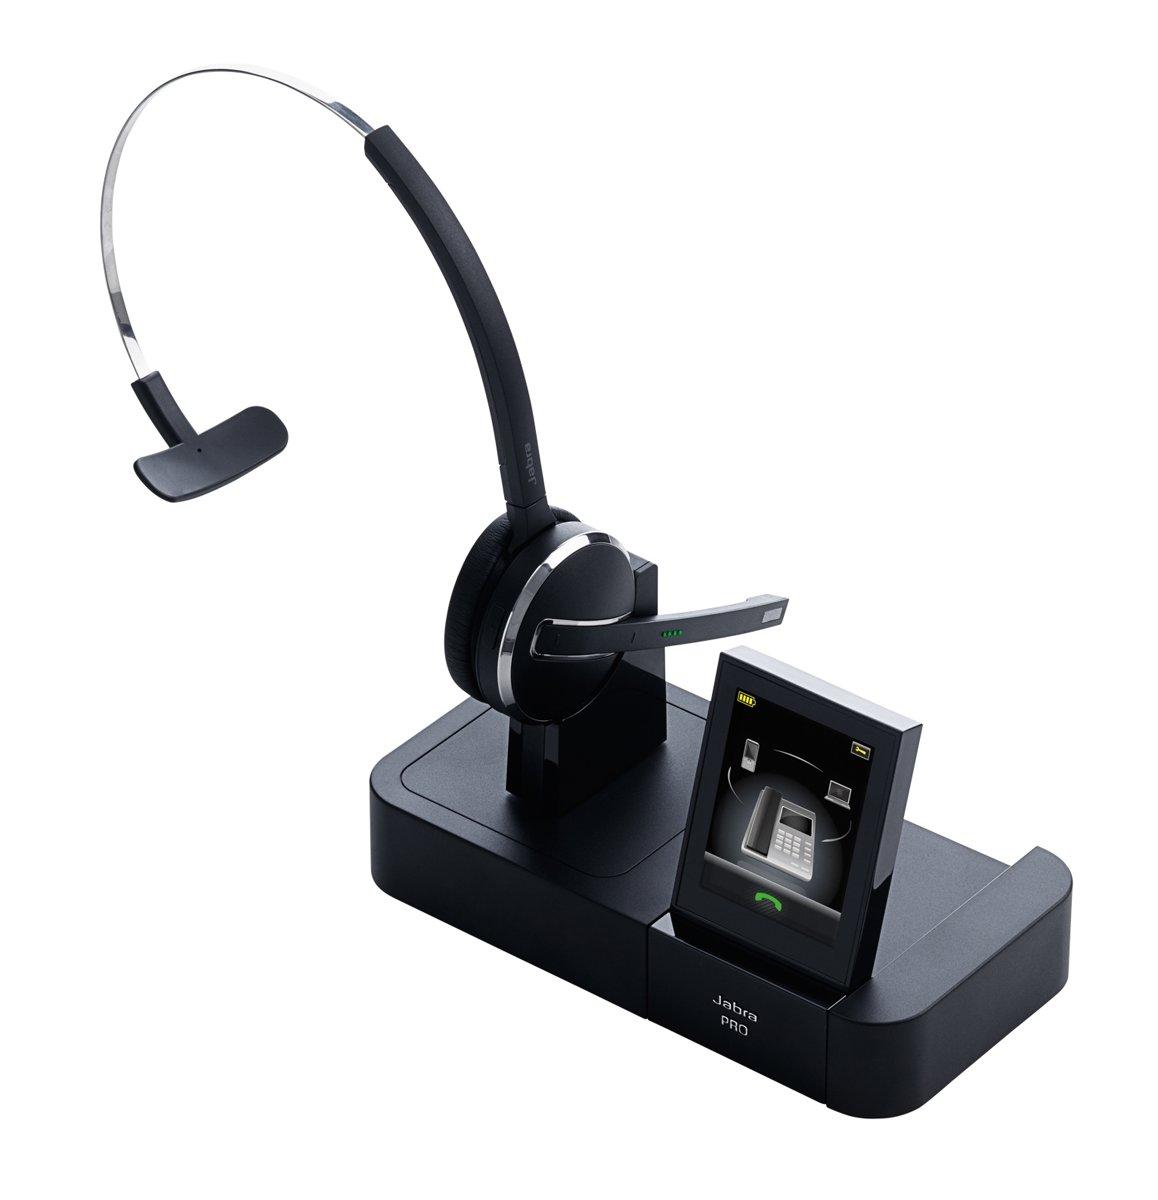 Jabra PRO 9470 - Headset kopen